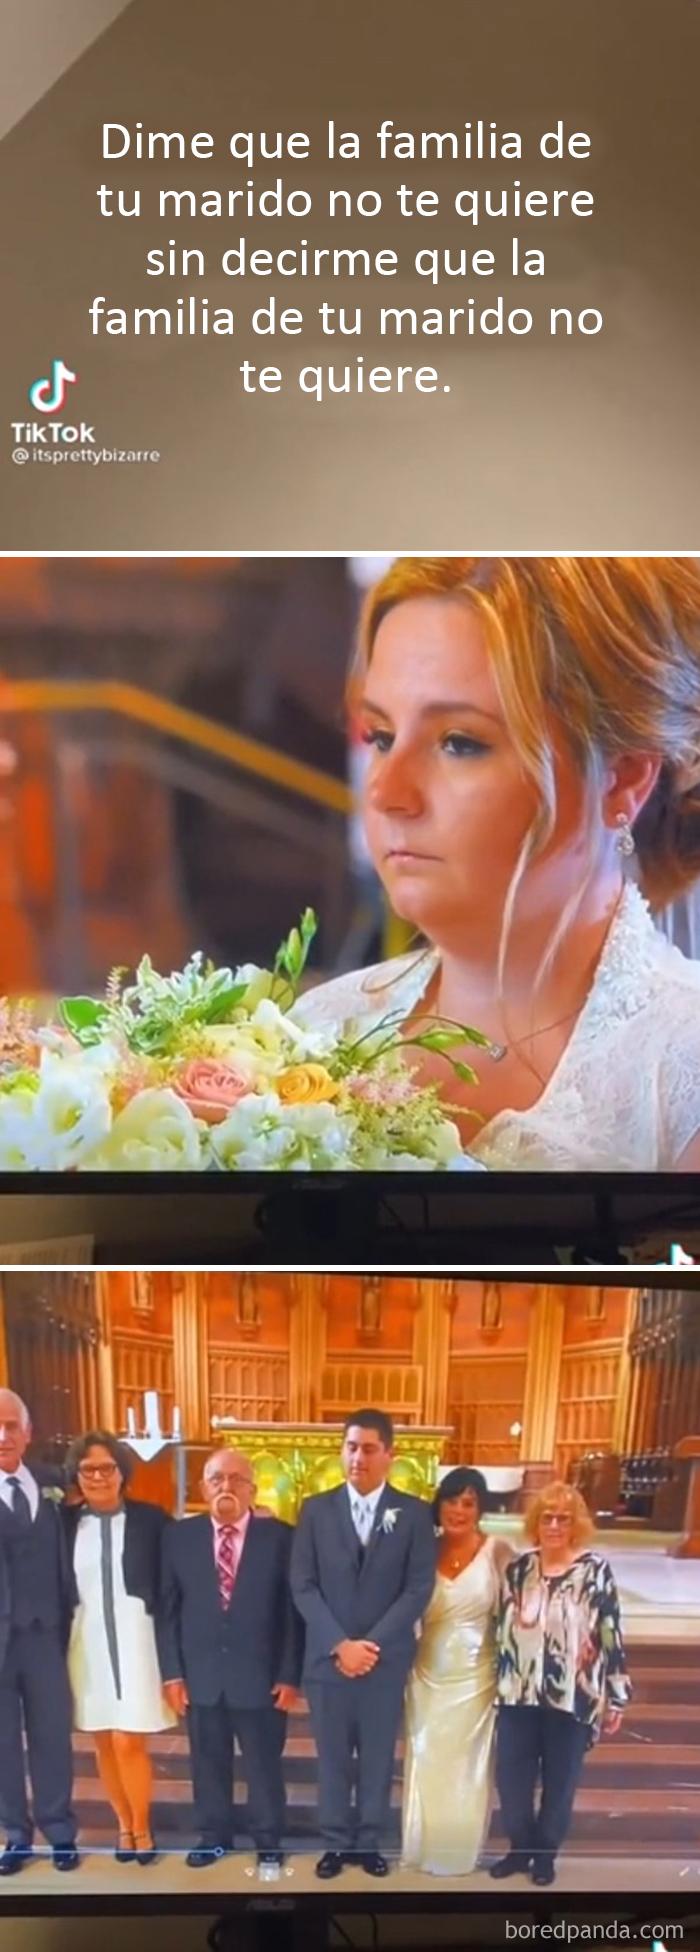 Me siento tan mal por esta novia (La familia del novio posa para las fotos sin la novia)